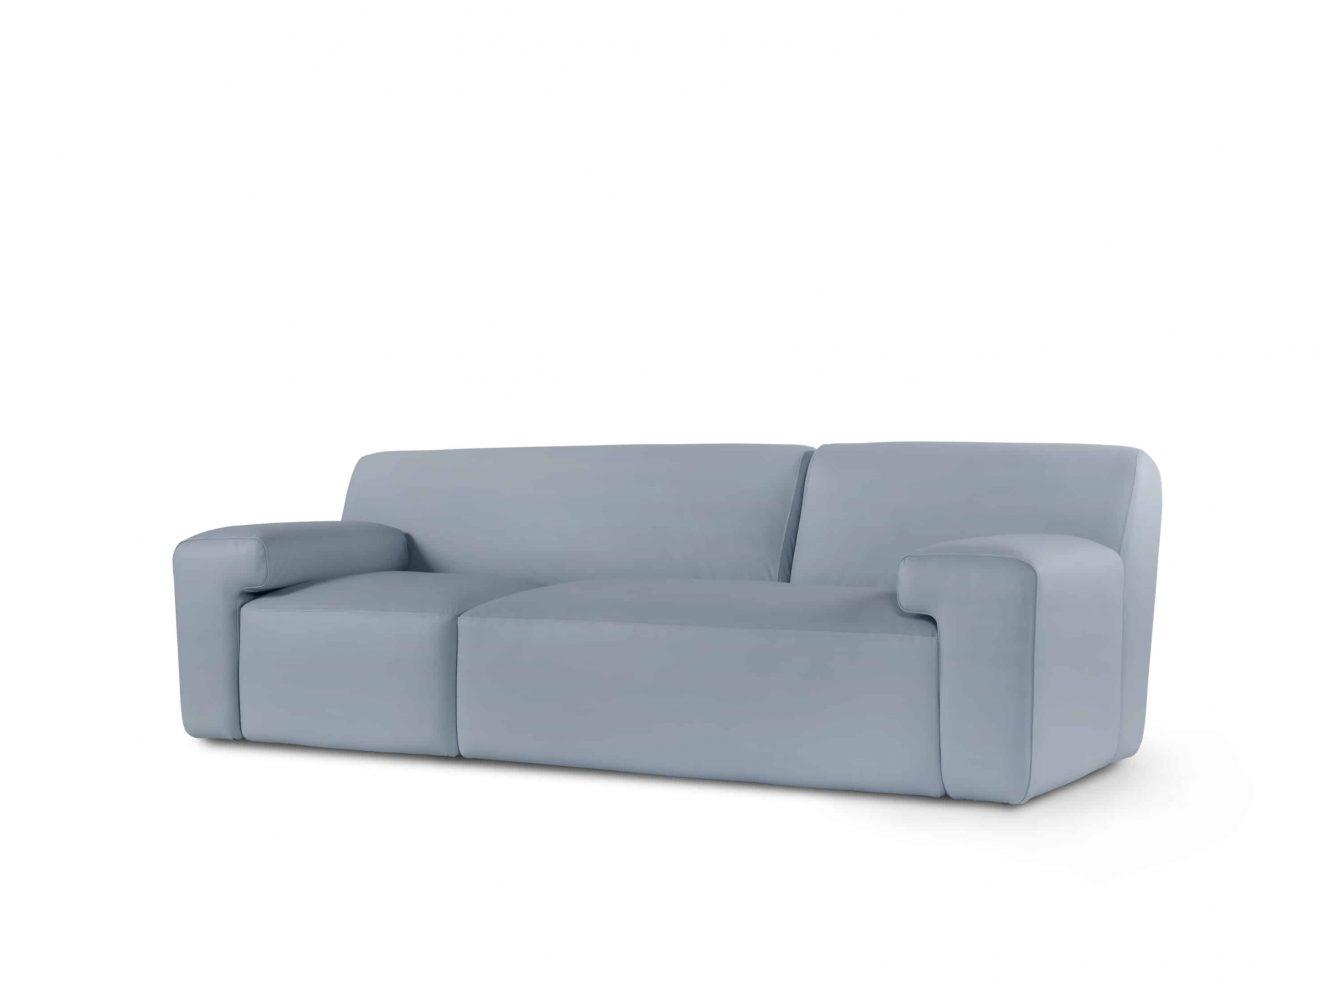 Almourol-G703252-Sofa-S-02